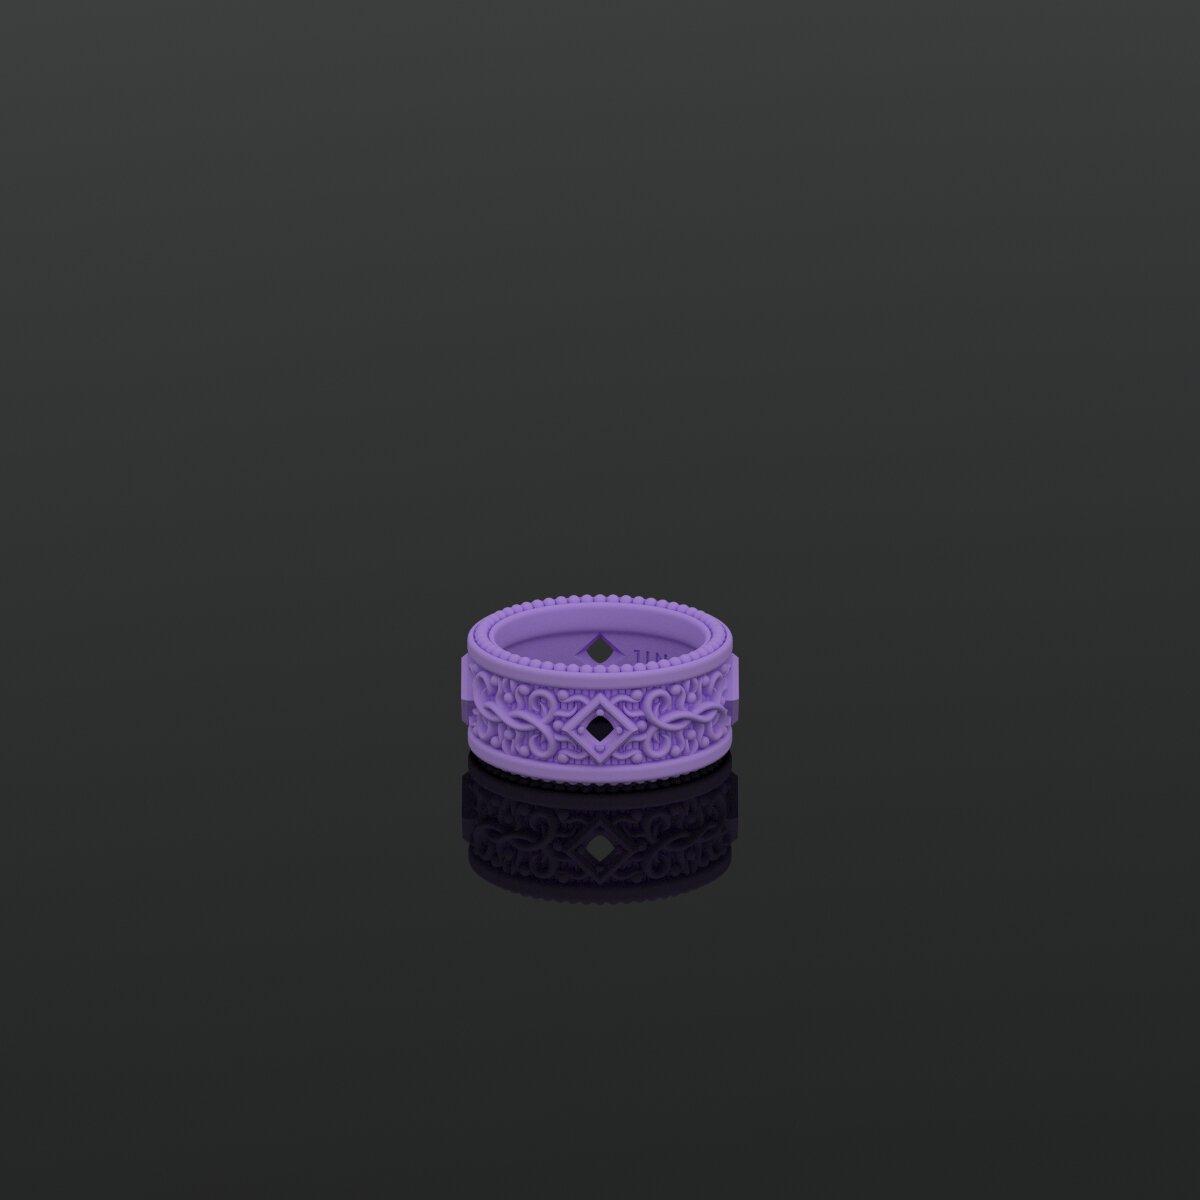 1ING[일링] 문양 반지(패턴 링) 3D 프린터 출력물